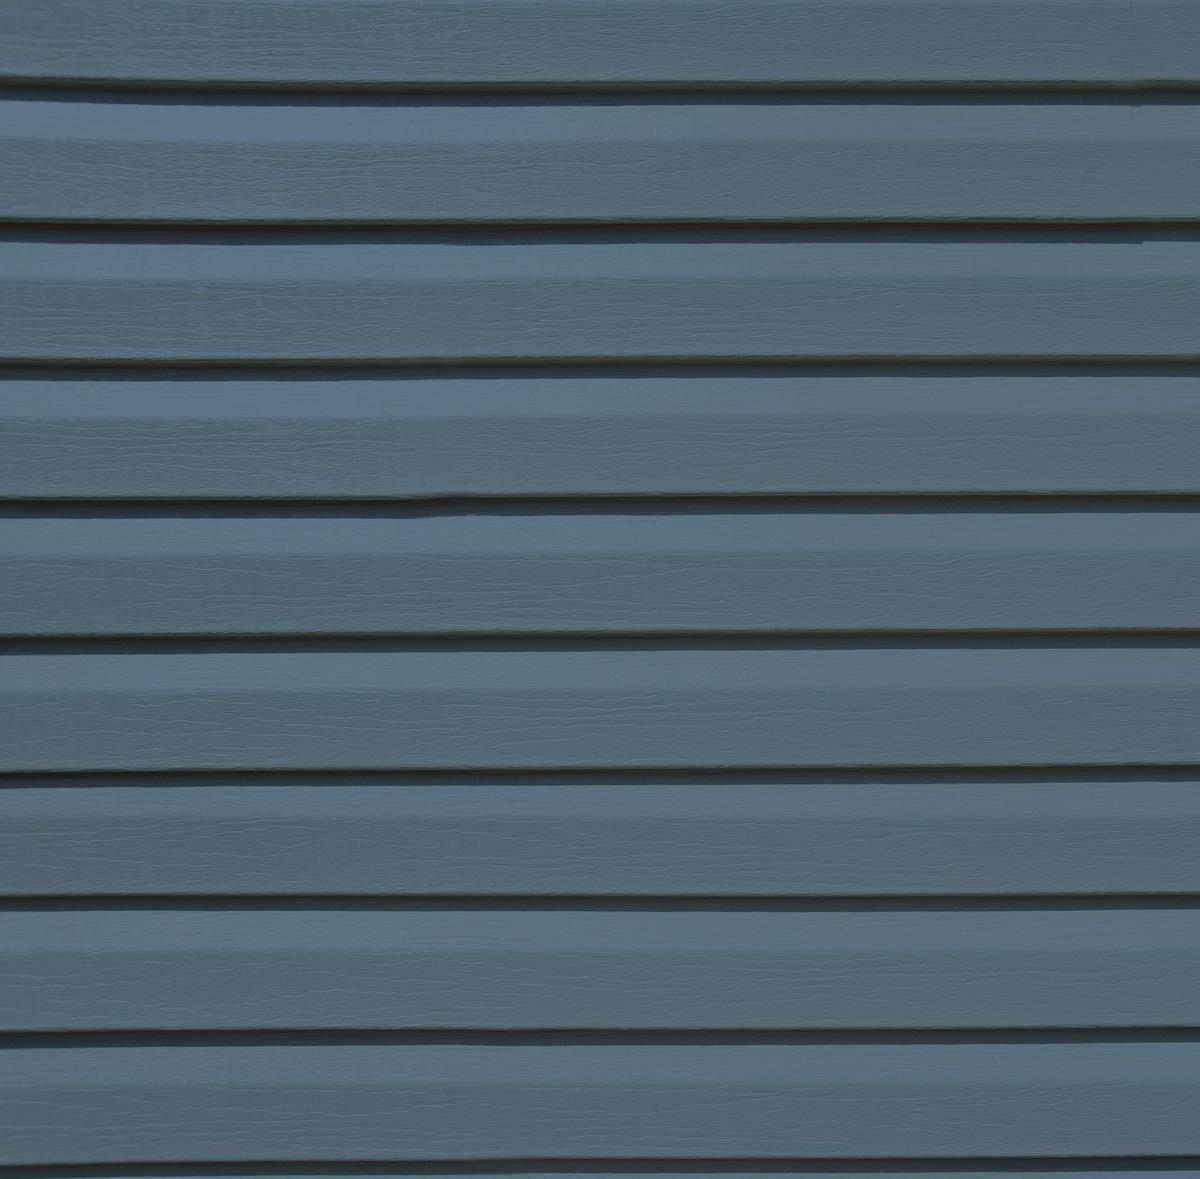 Vinyle Bleu Heritage Aluminium Denis Constantin